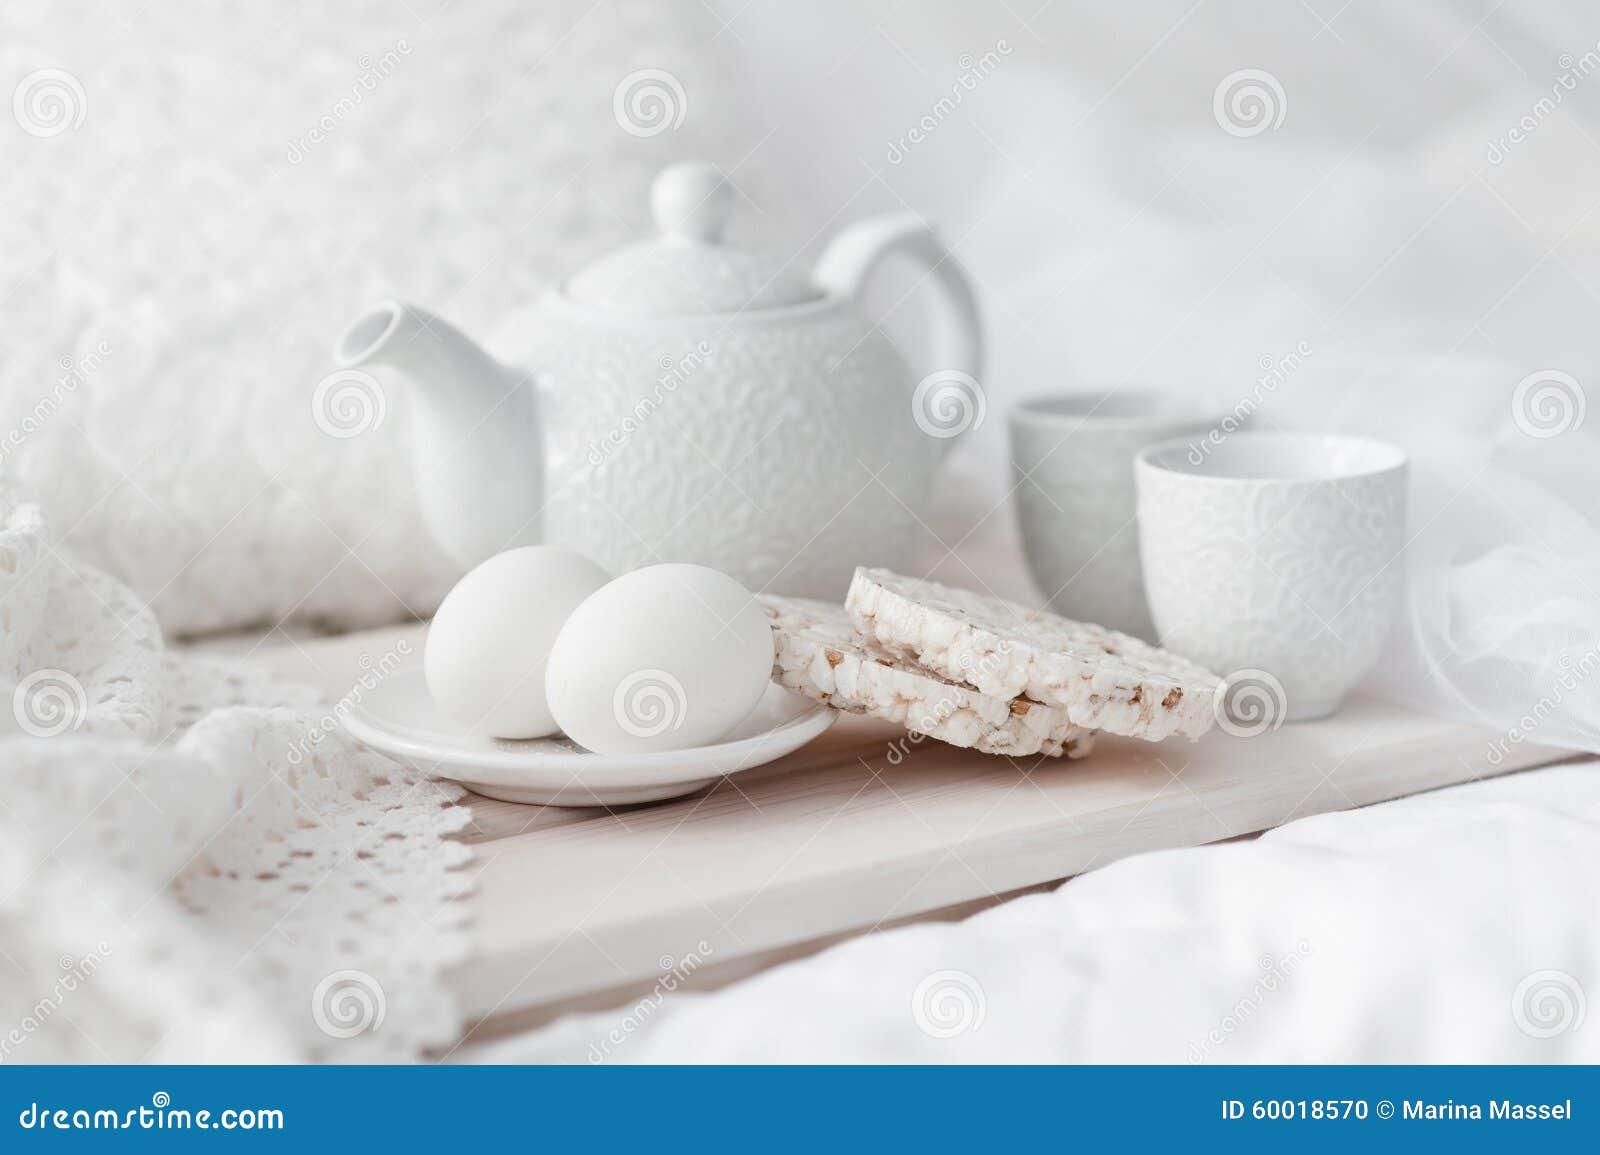 Bandeja con el desayuno en una cama foto de archivo - Bandeja desayuno cama ...